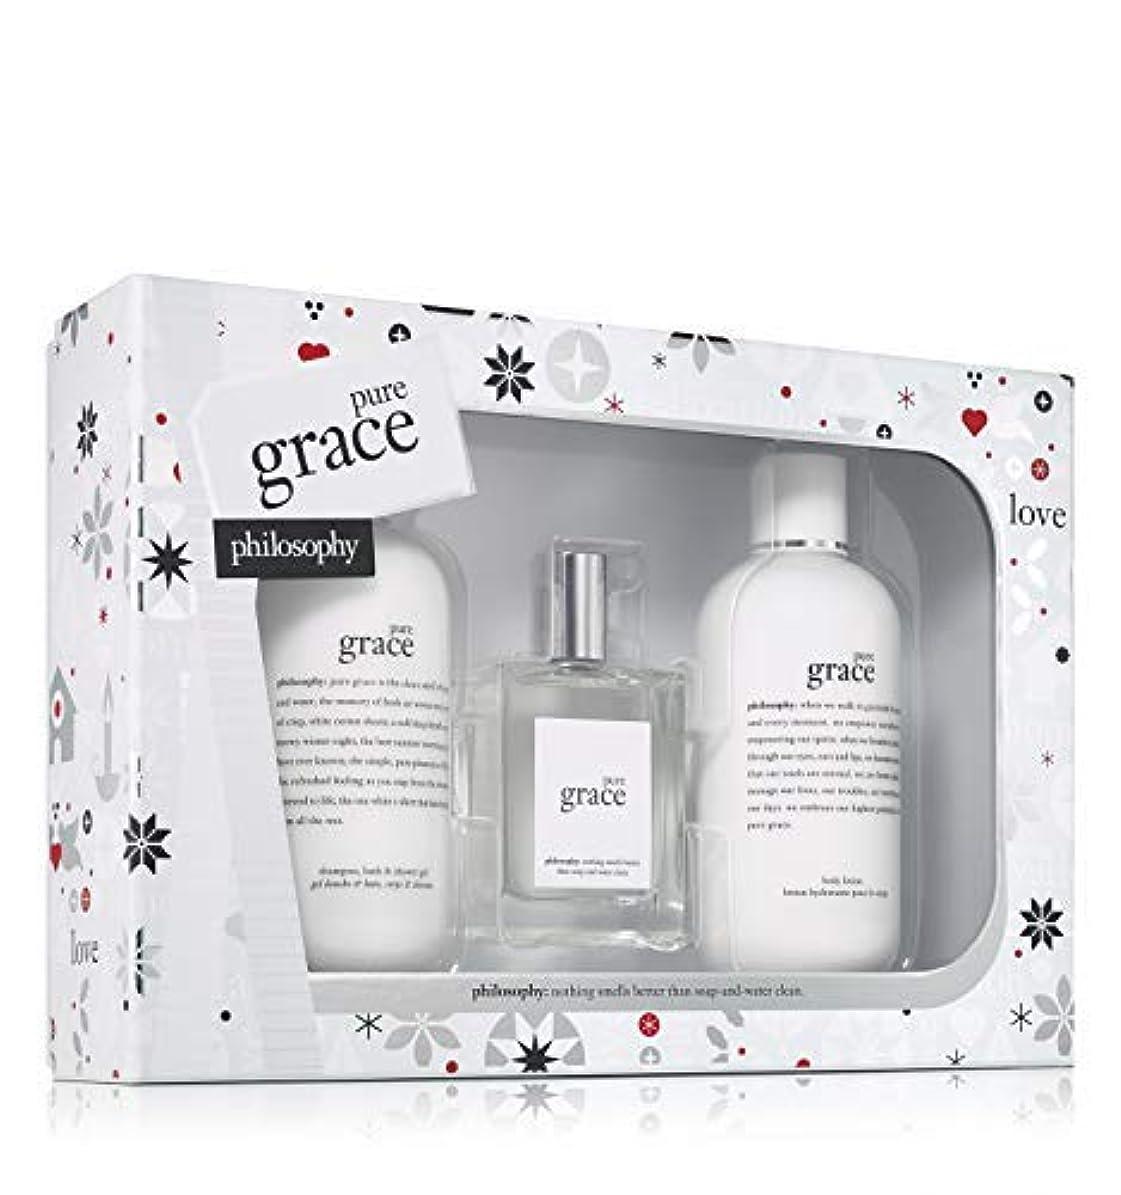 バルブロケットマサッチョPhilosophy - Pure Grace 3-Piece Gift Set Holiday 2017